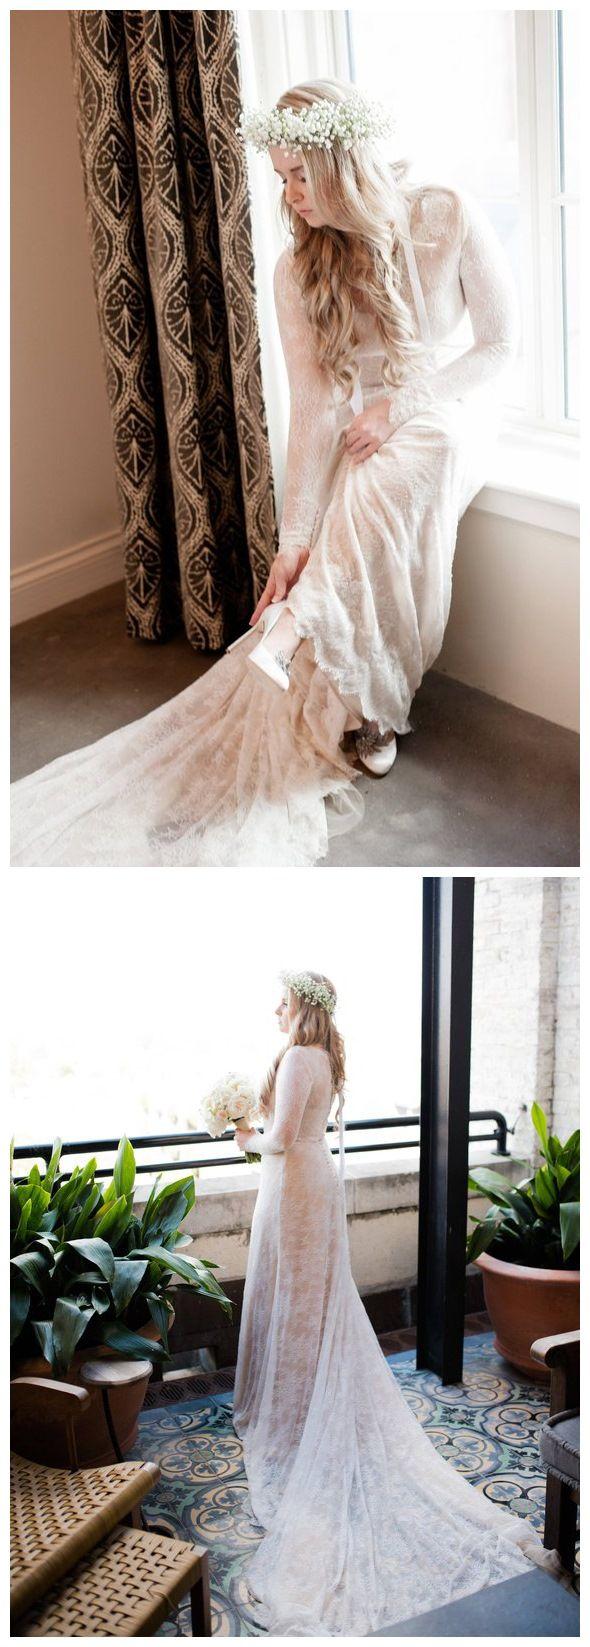 Plus size sheath lace wedding dresses long sleeve modest bridal